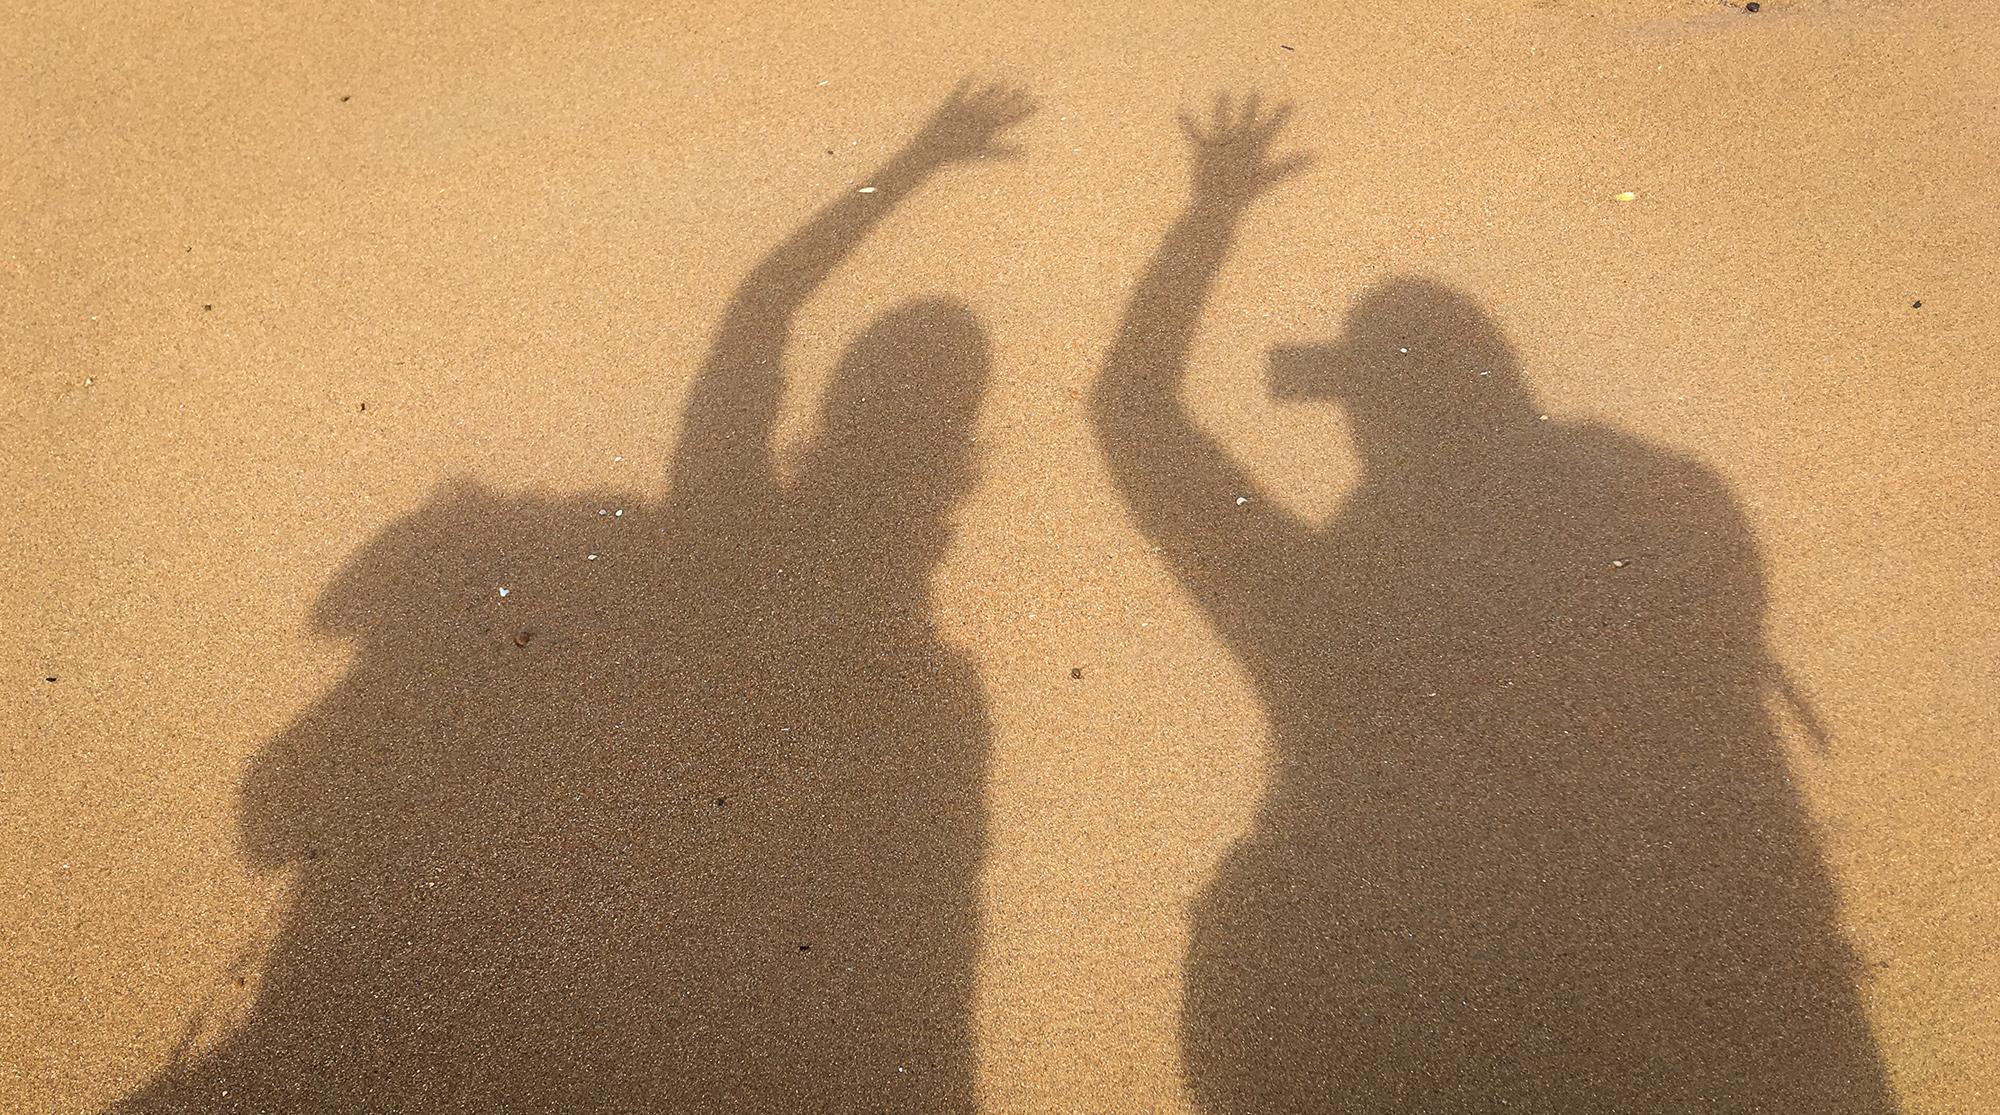 Schattenspiel mit zwei Frauen auf Sand